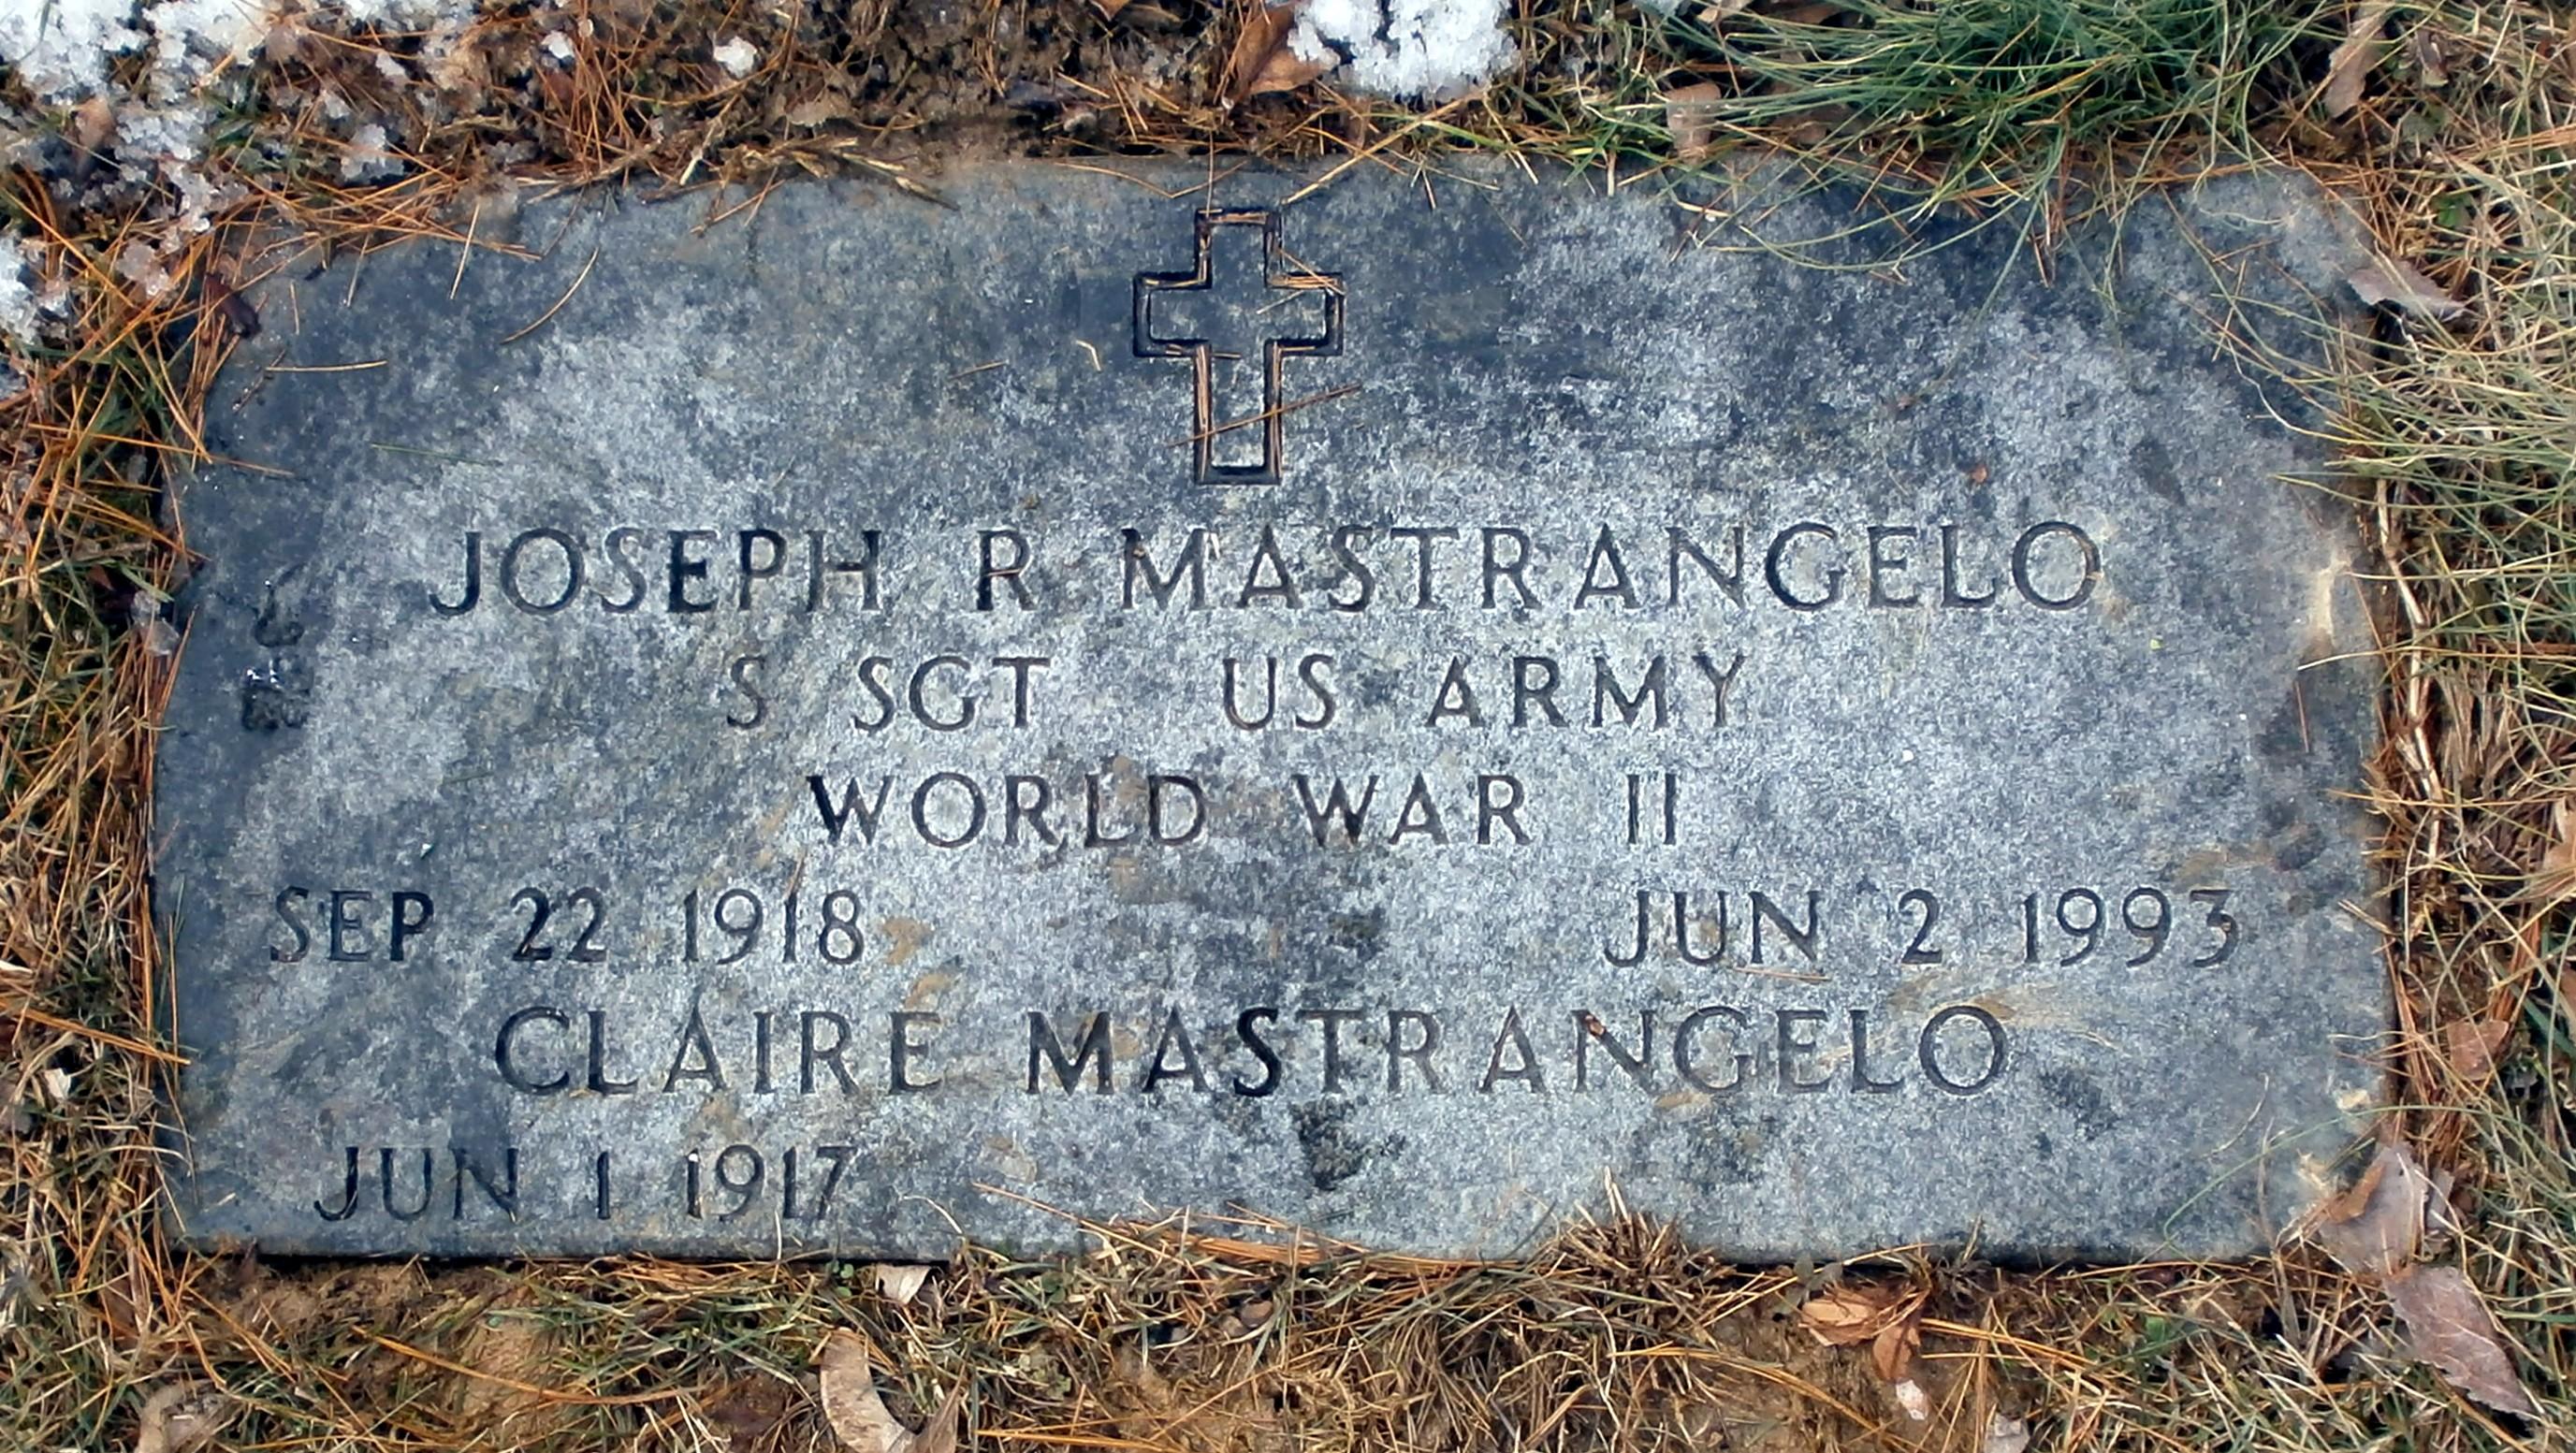 Joseph R Joe Mastrangelo